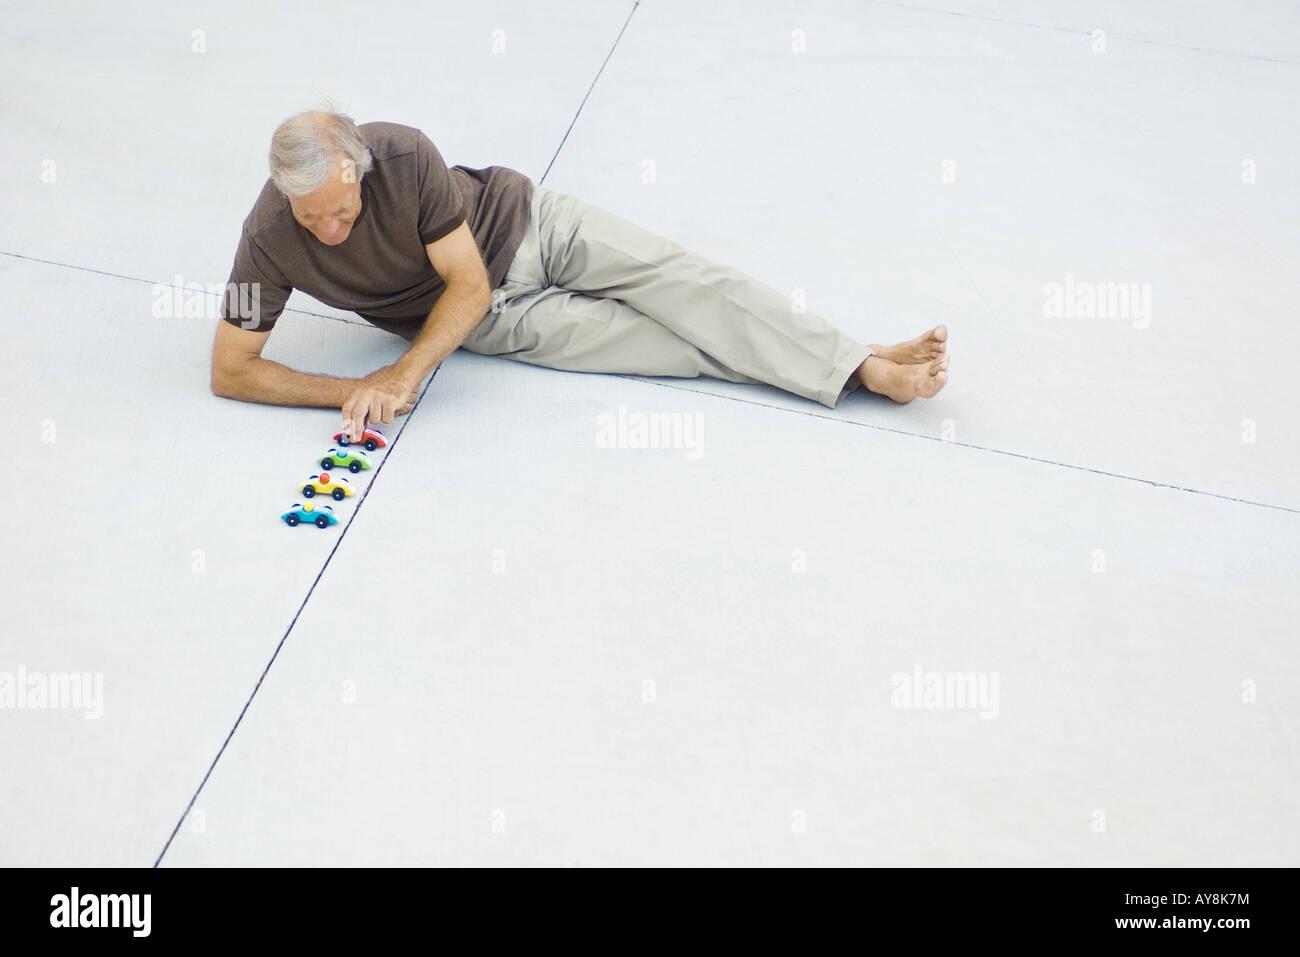 Reifer Mann sitzt auf dem Boden, Schlange, Spielzeugautos, erhöhte Ansicht Stockbild